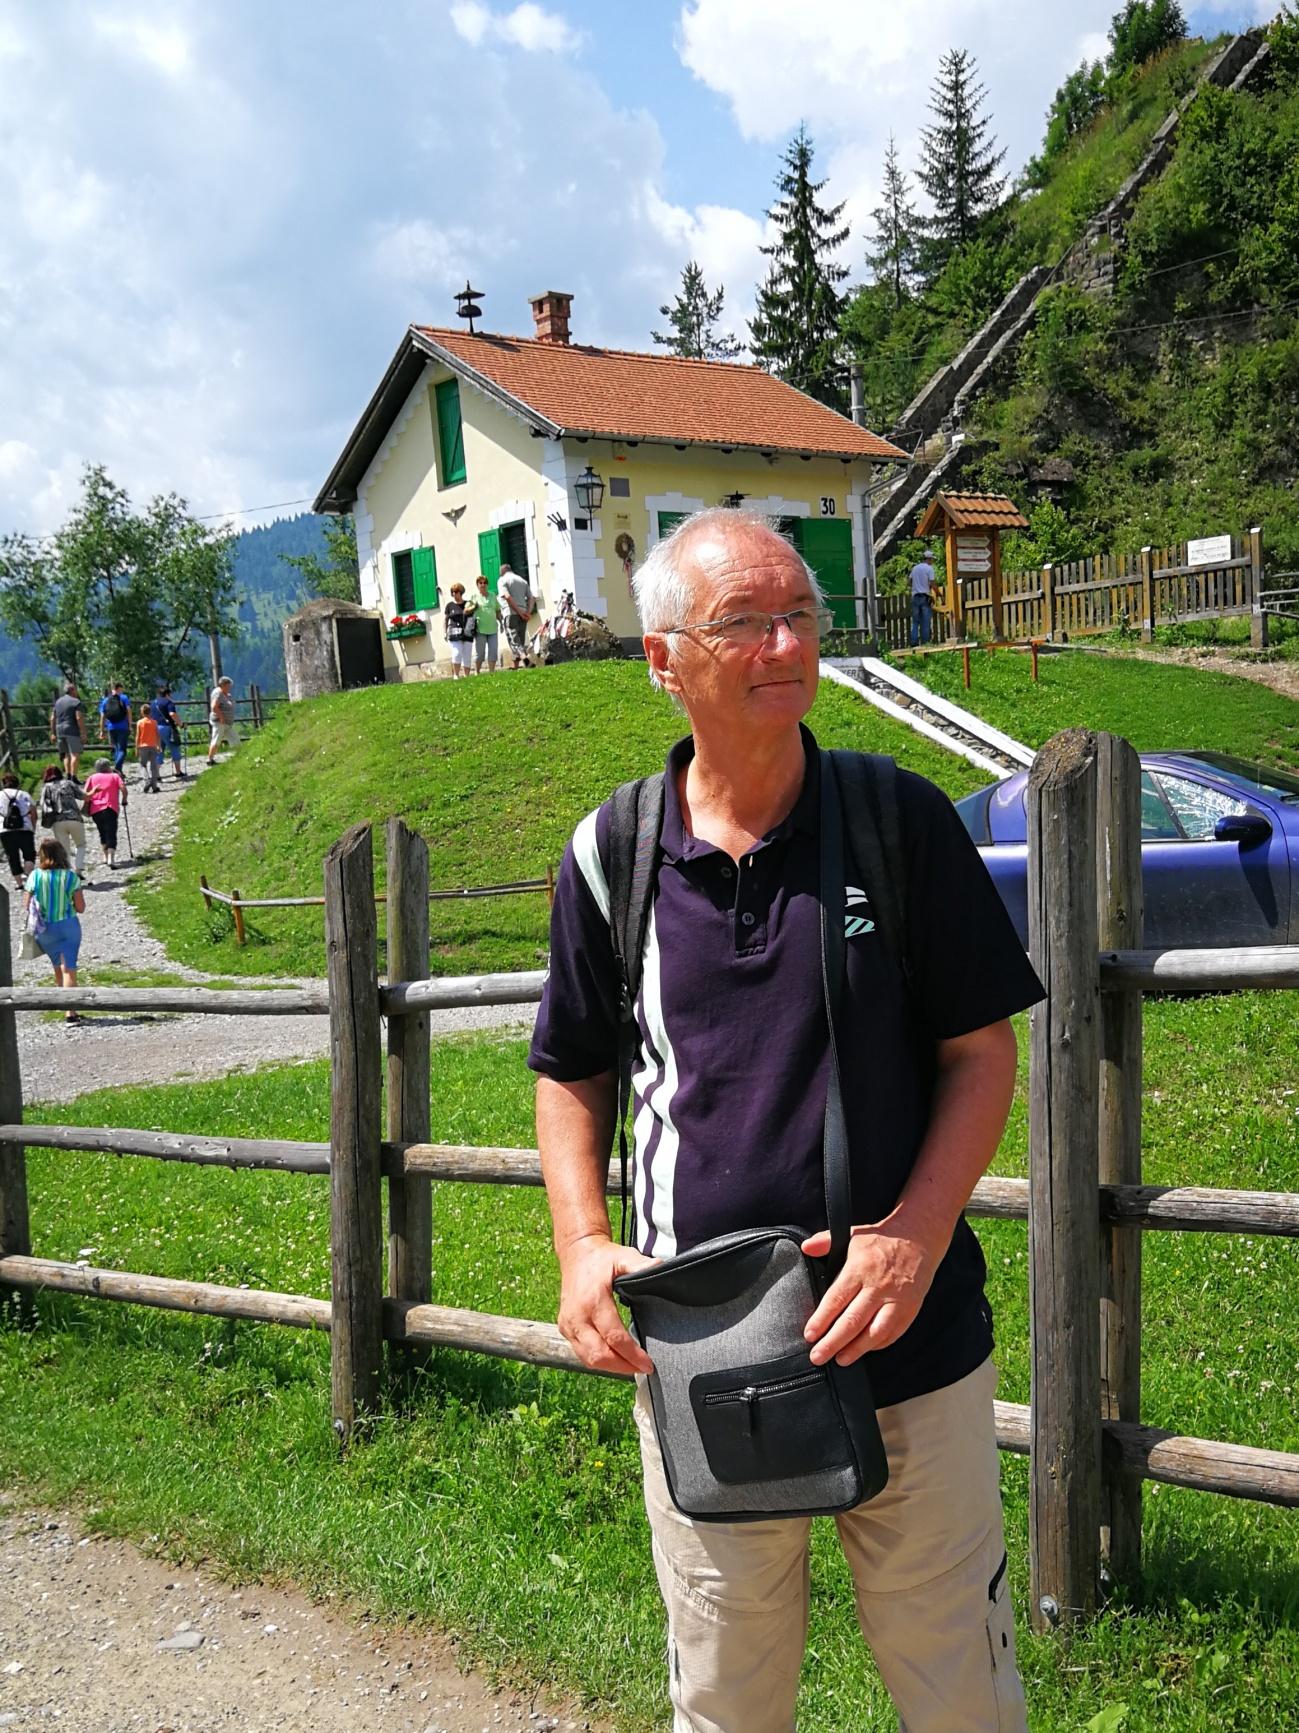 legjobb társkereső oldal Németország